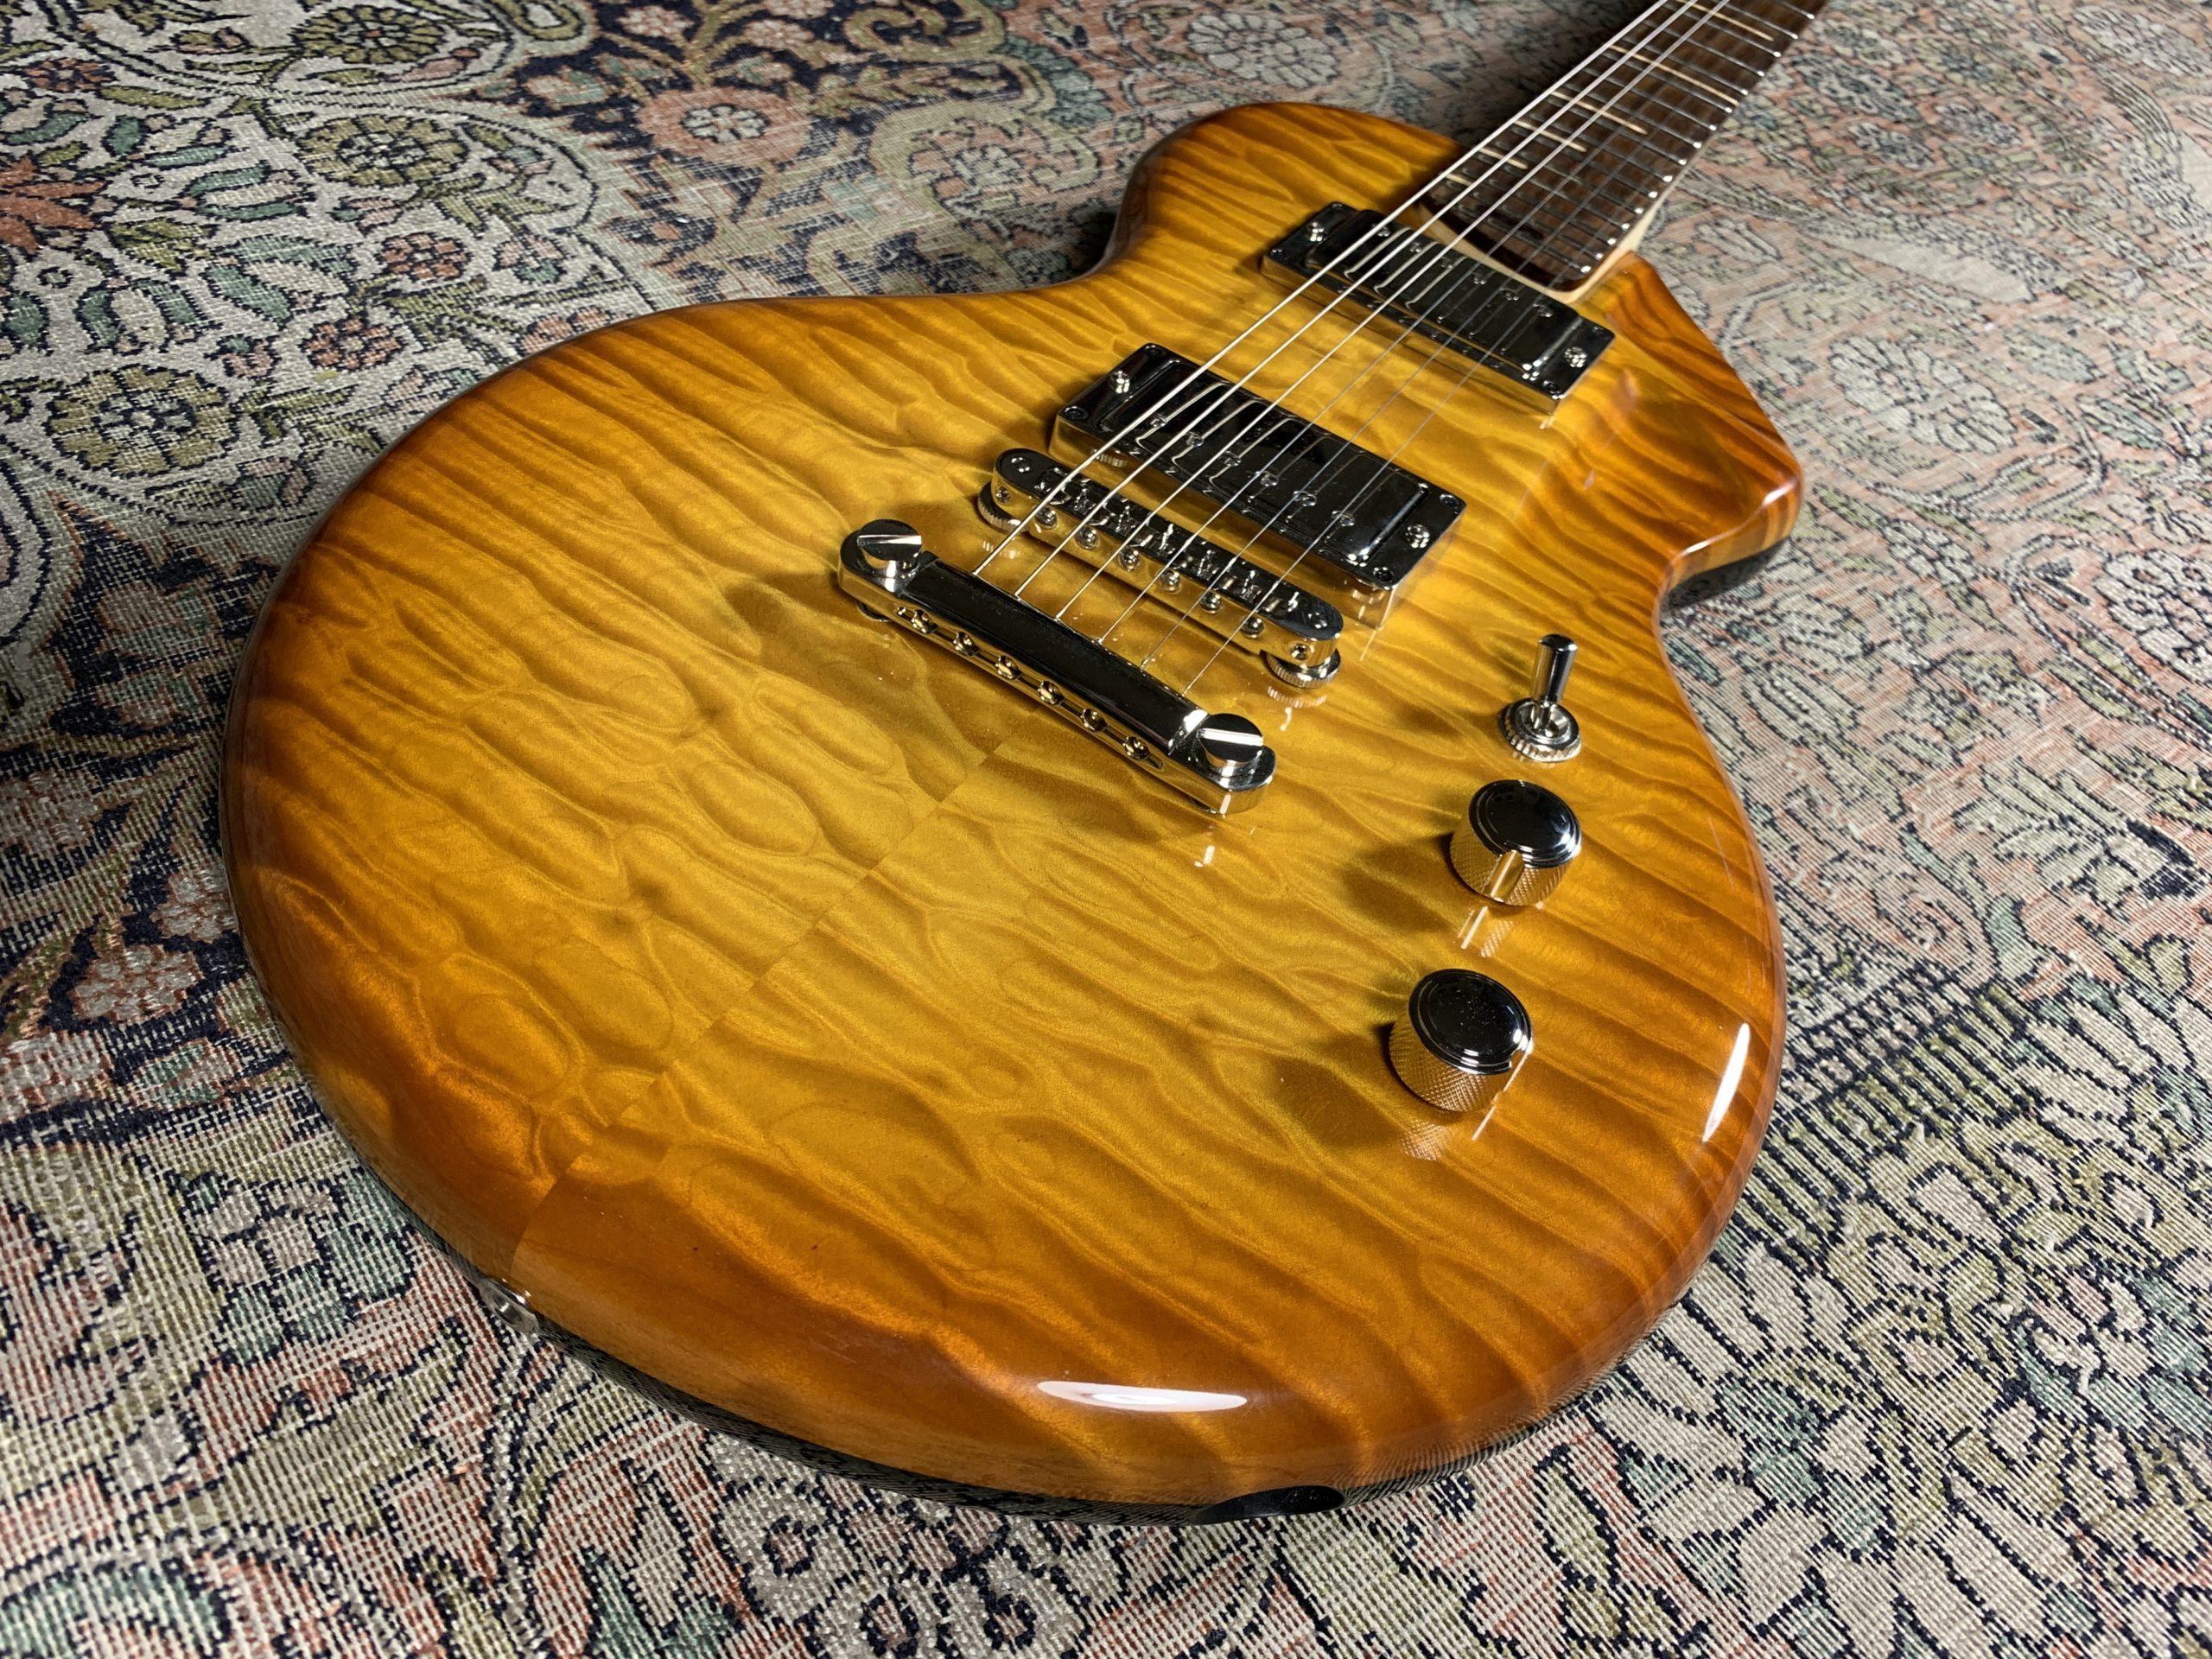 Fastback Alquier Hollow - Une superbe guitare de luthier sous toutes les coutures